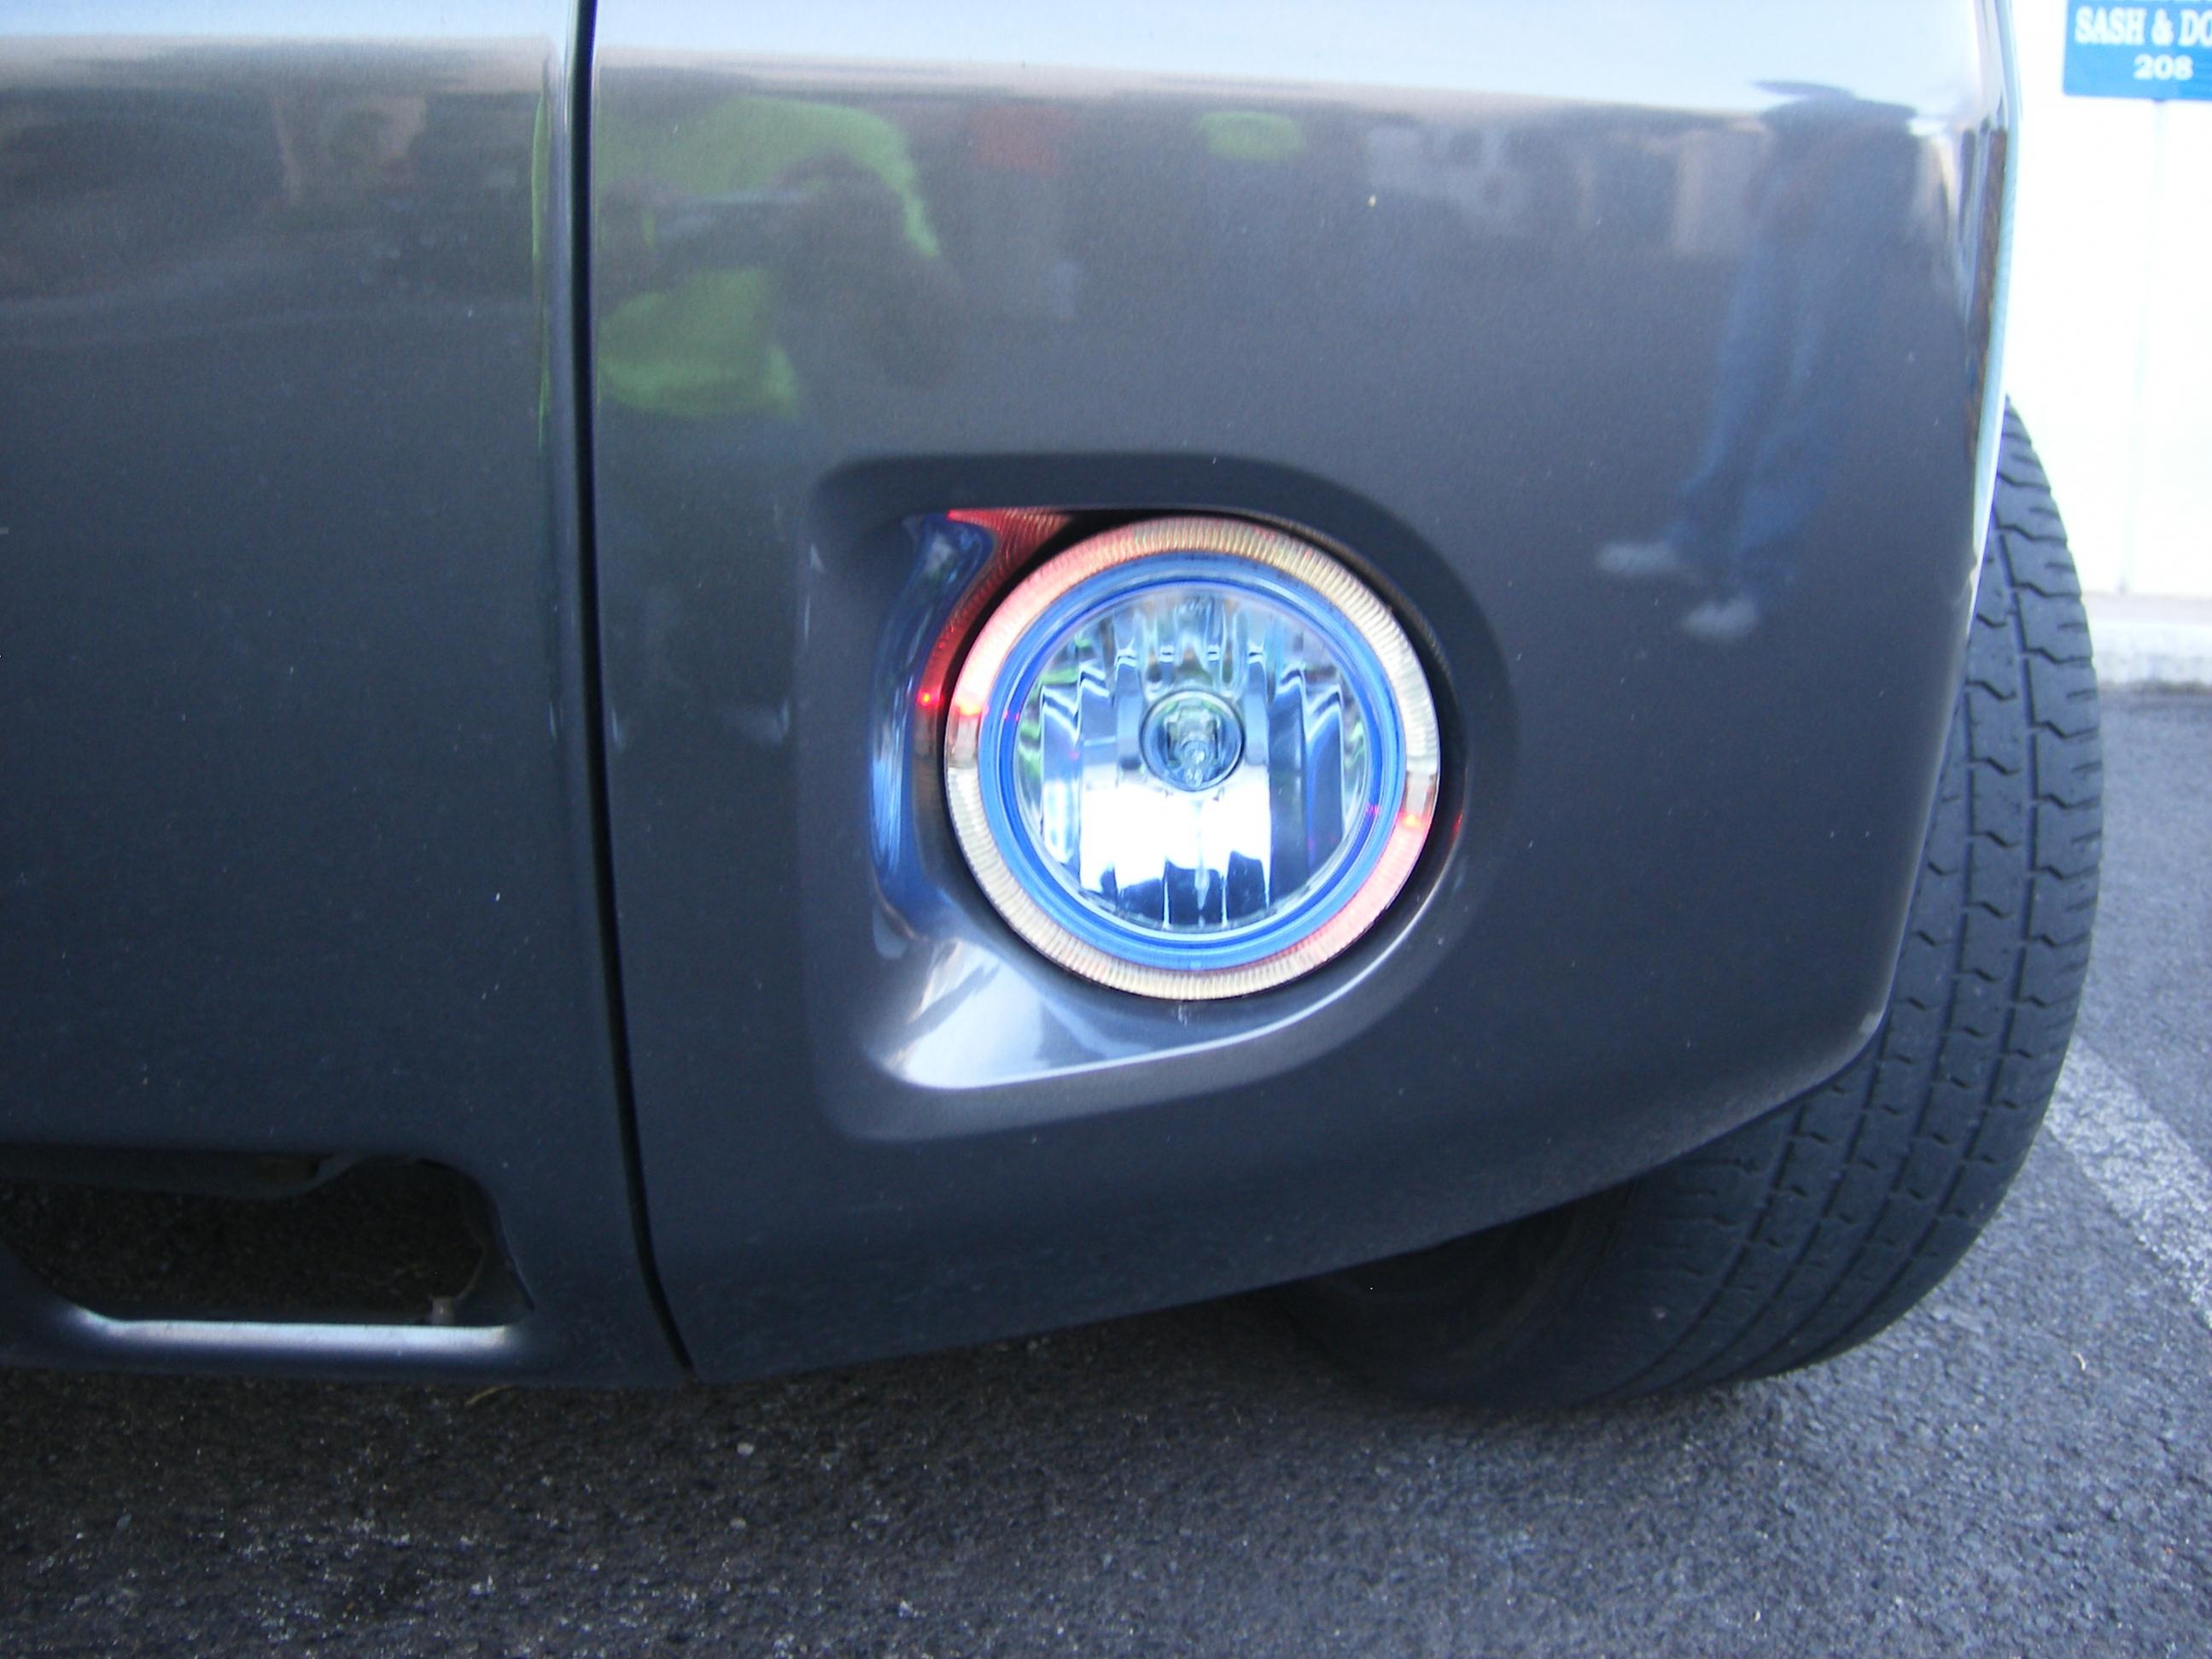 Ebay fog light kit for xe titan pics nissan titan forum nissan titan 015 ebay fog light kit for xe titan pics nissan titan 018 vanachro Gallery